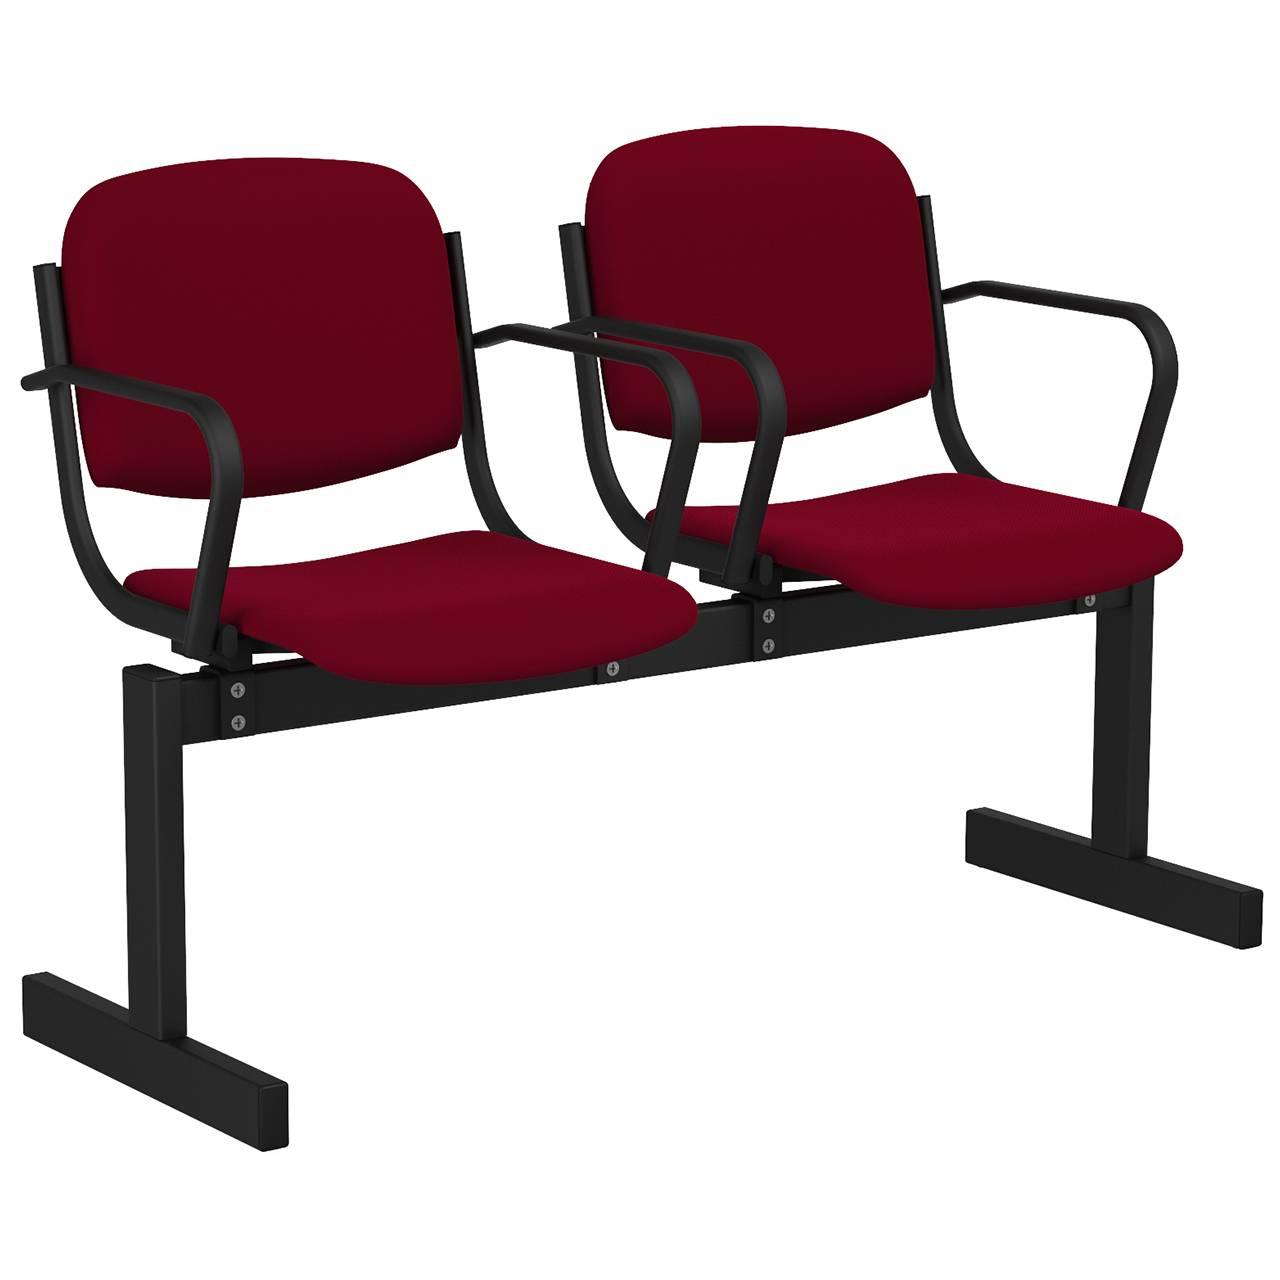 2-местный, не откидывающиеся сиденья, мягкий, подлокотники черный бордо Флок